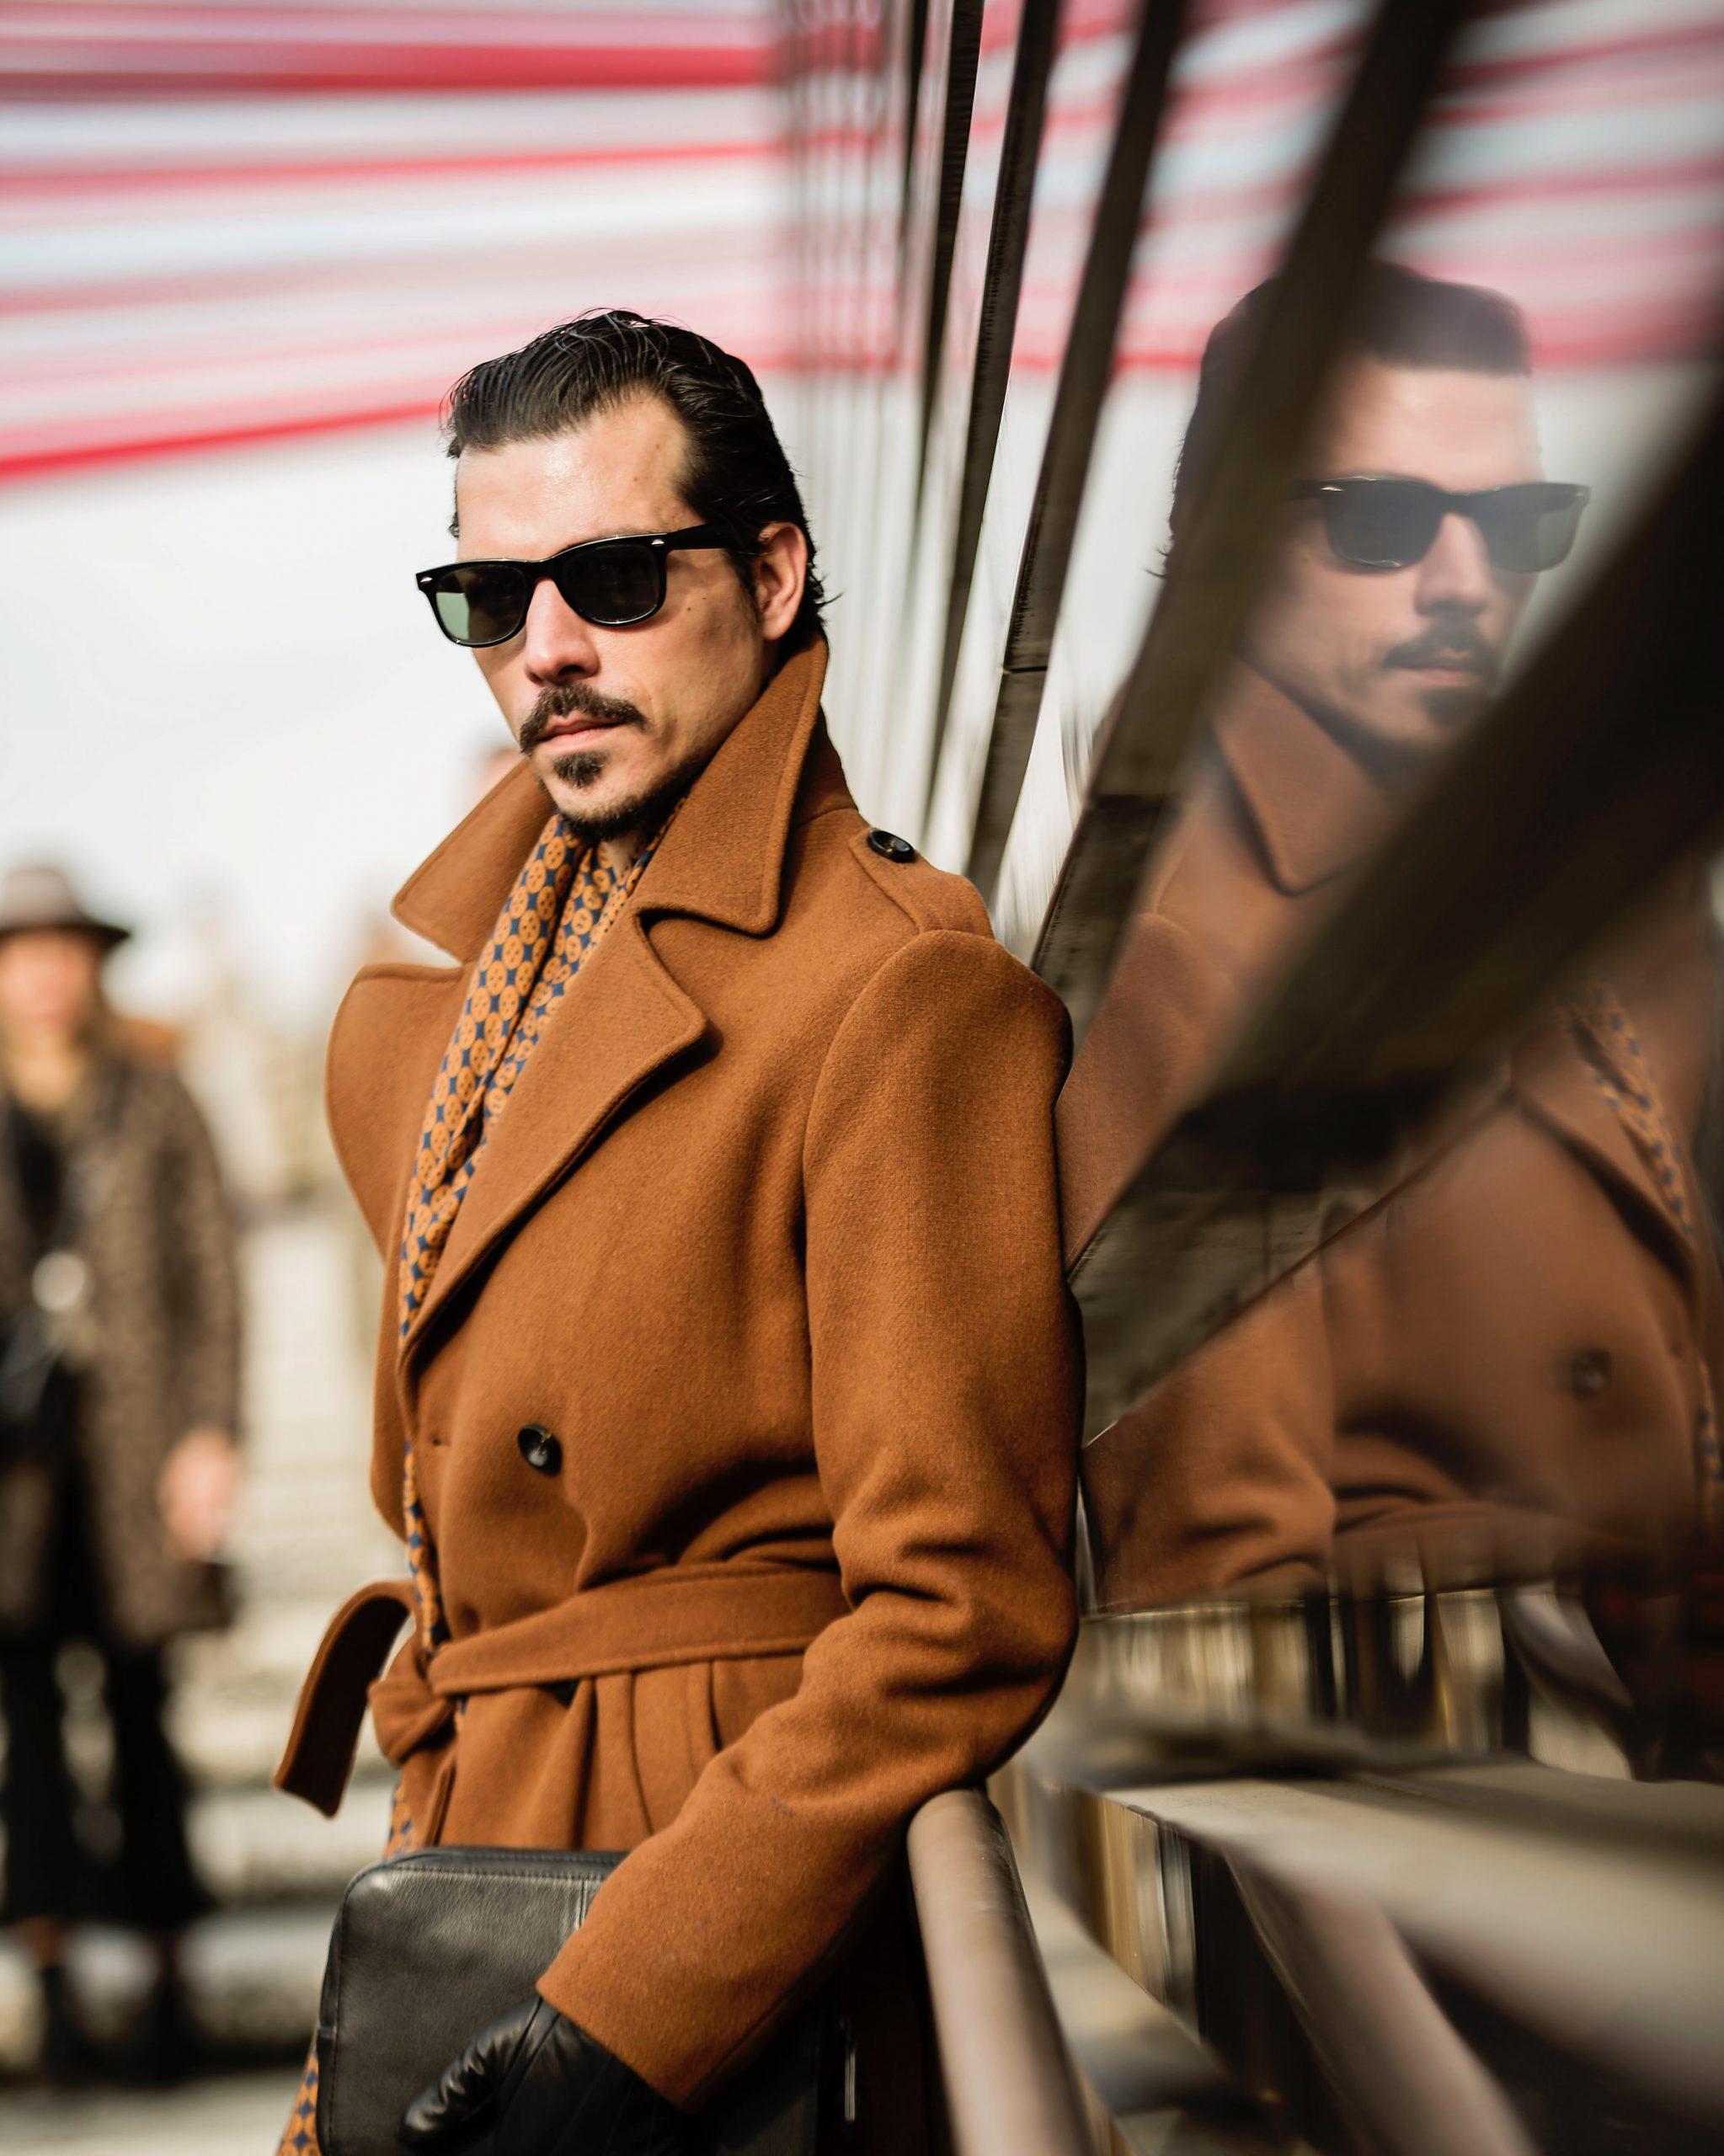 Categorie: Fashion, Portrait; Model: GUGLIELMO GIOVANNONI; Photographer: RICCARDO SIRICA, SEVEN CLICK; Location: Roma